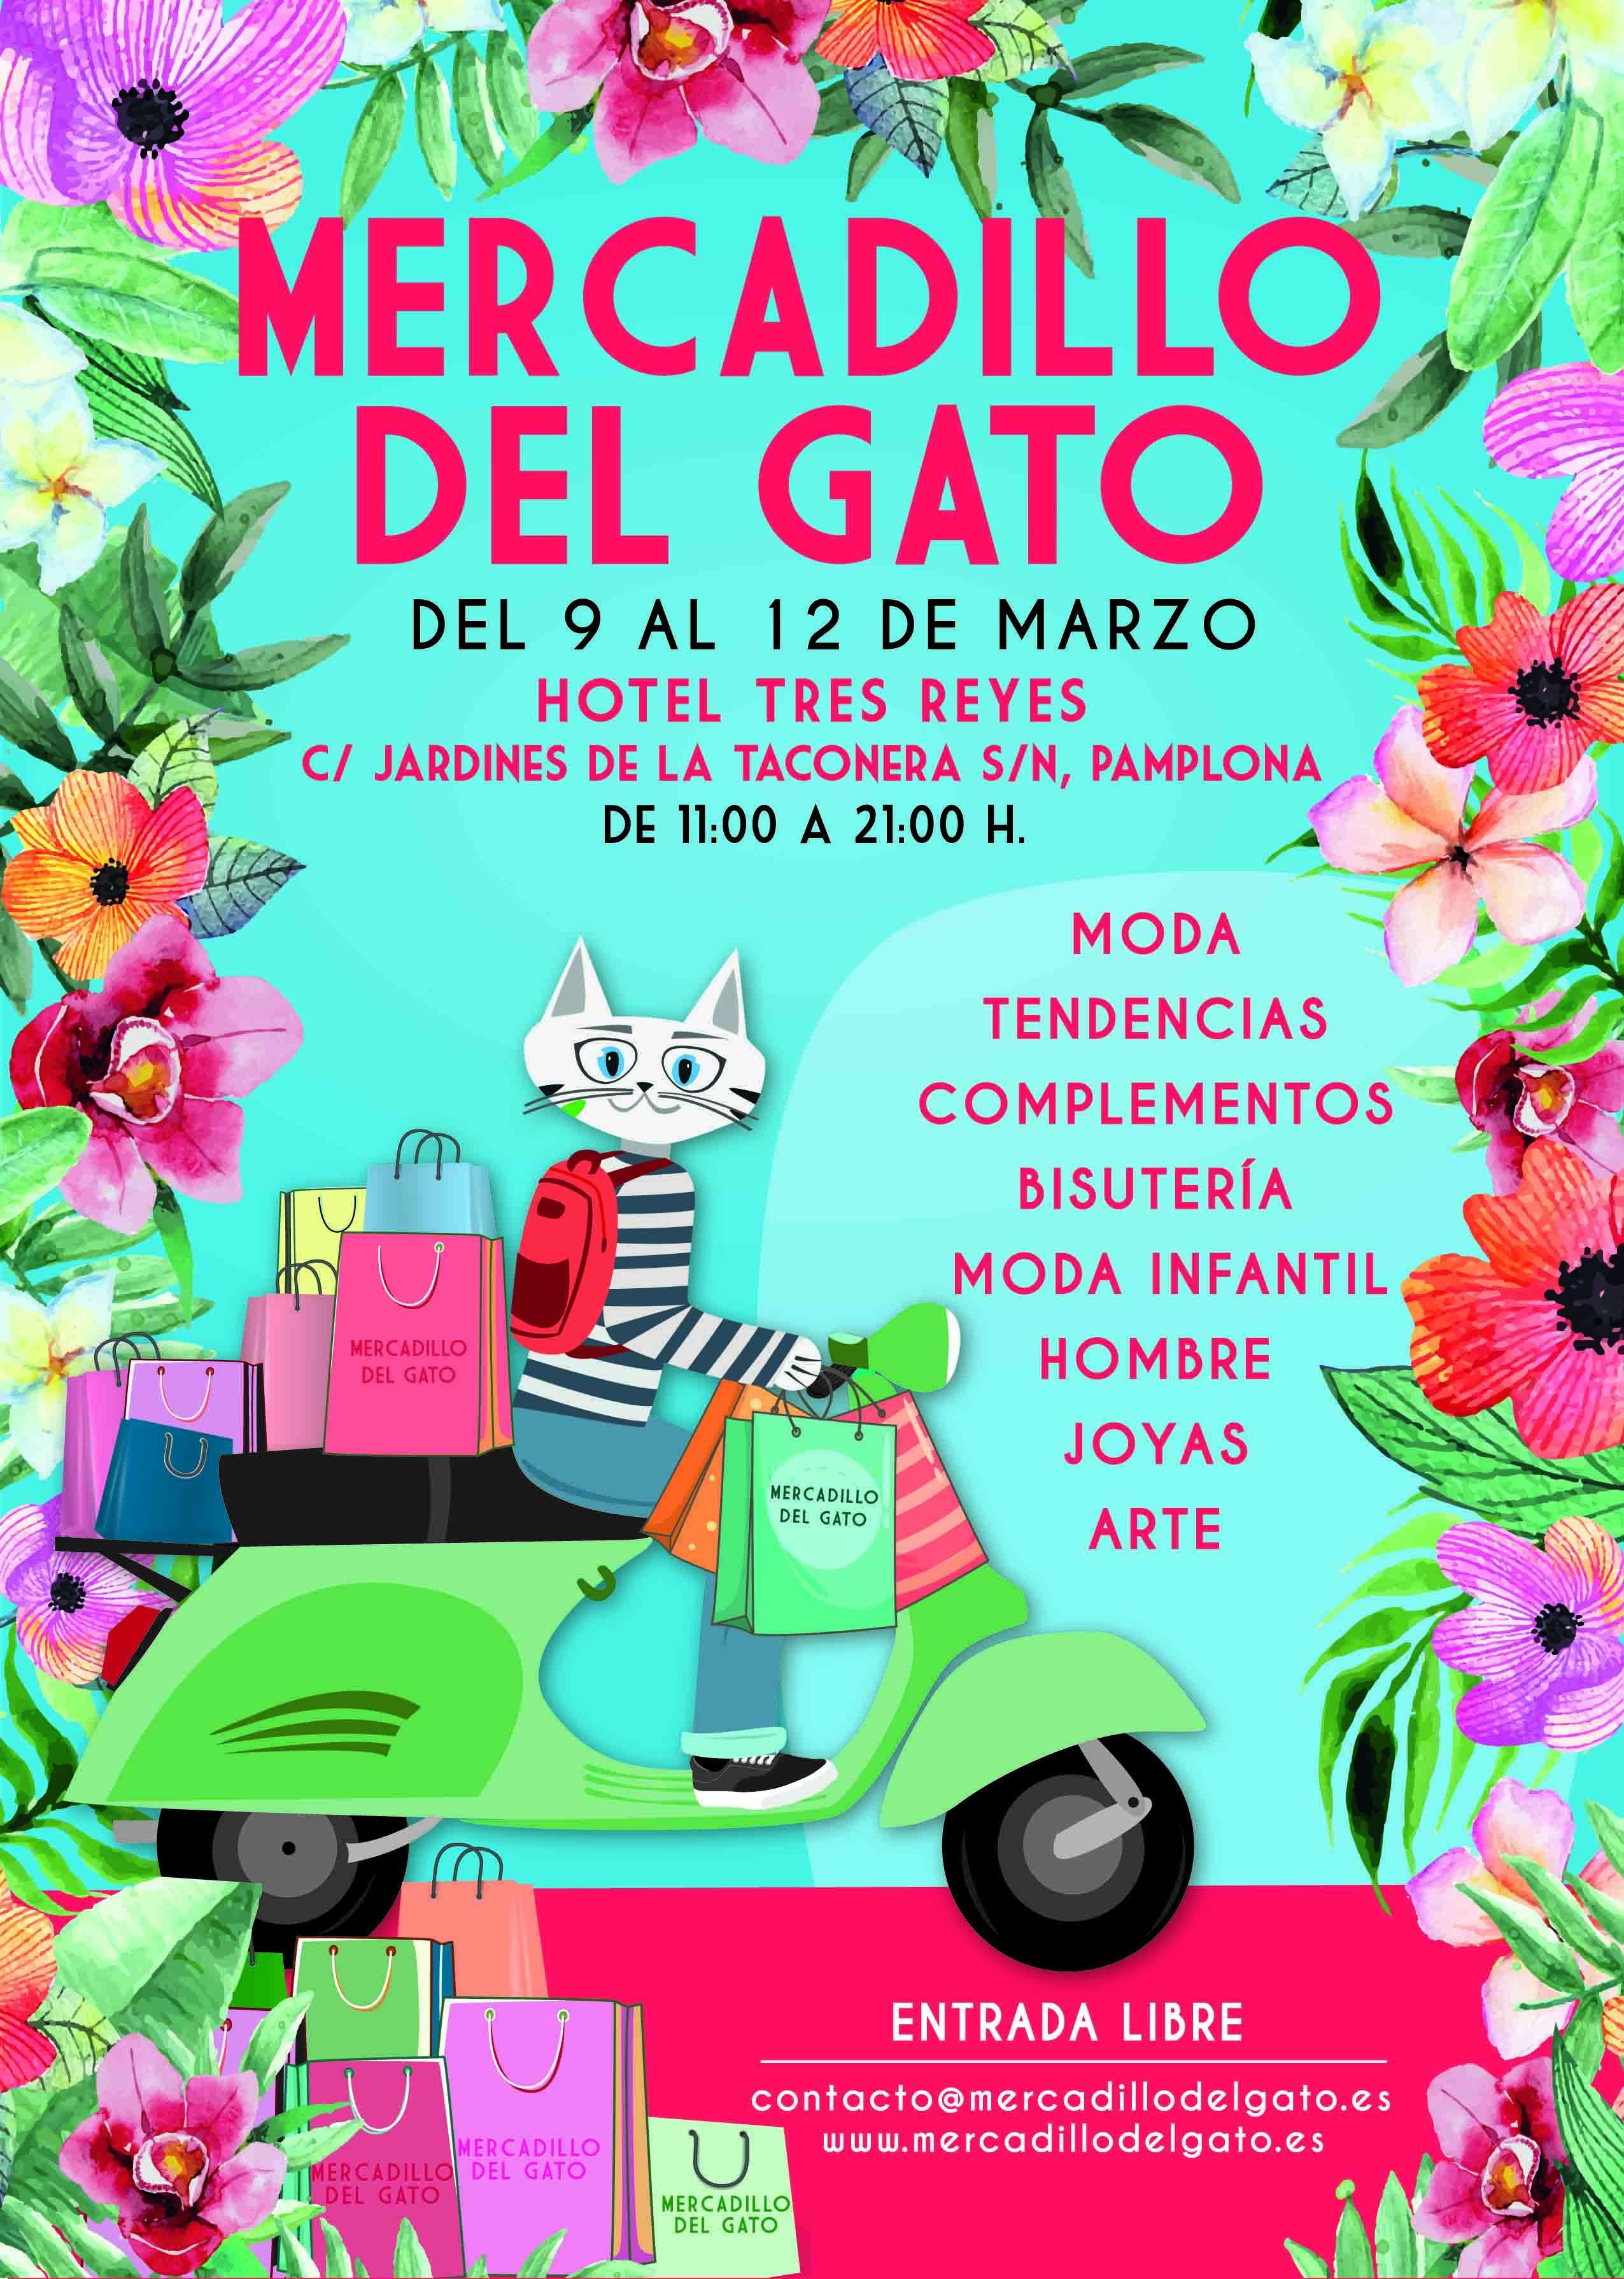 El esperado Mercadillo del Gato llega por primera vez a Pamplona